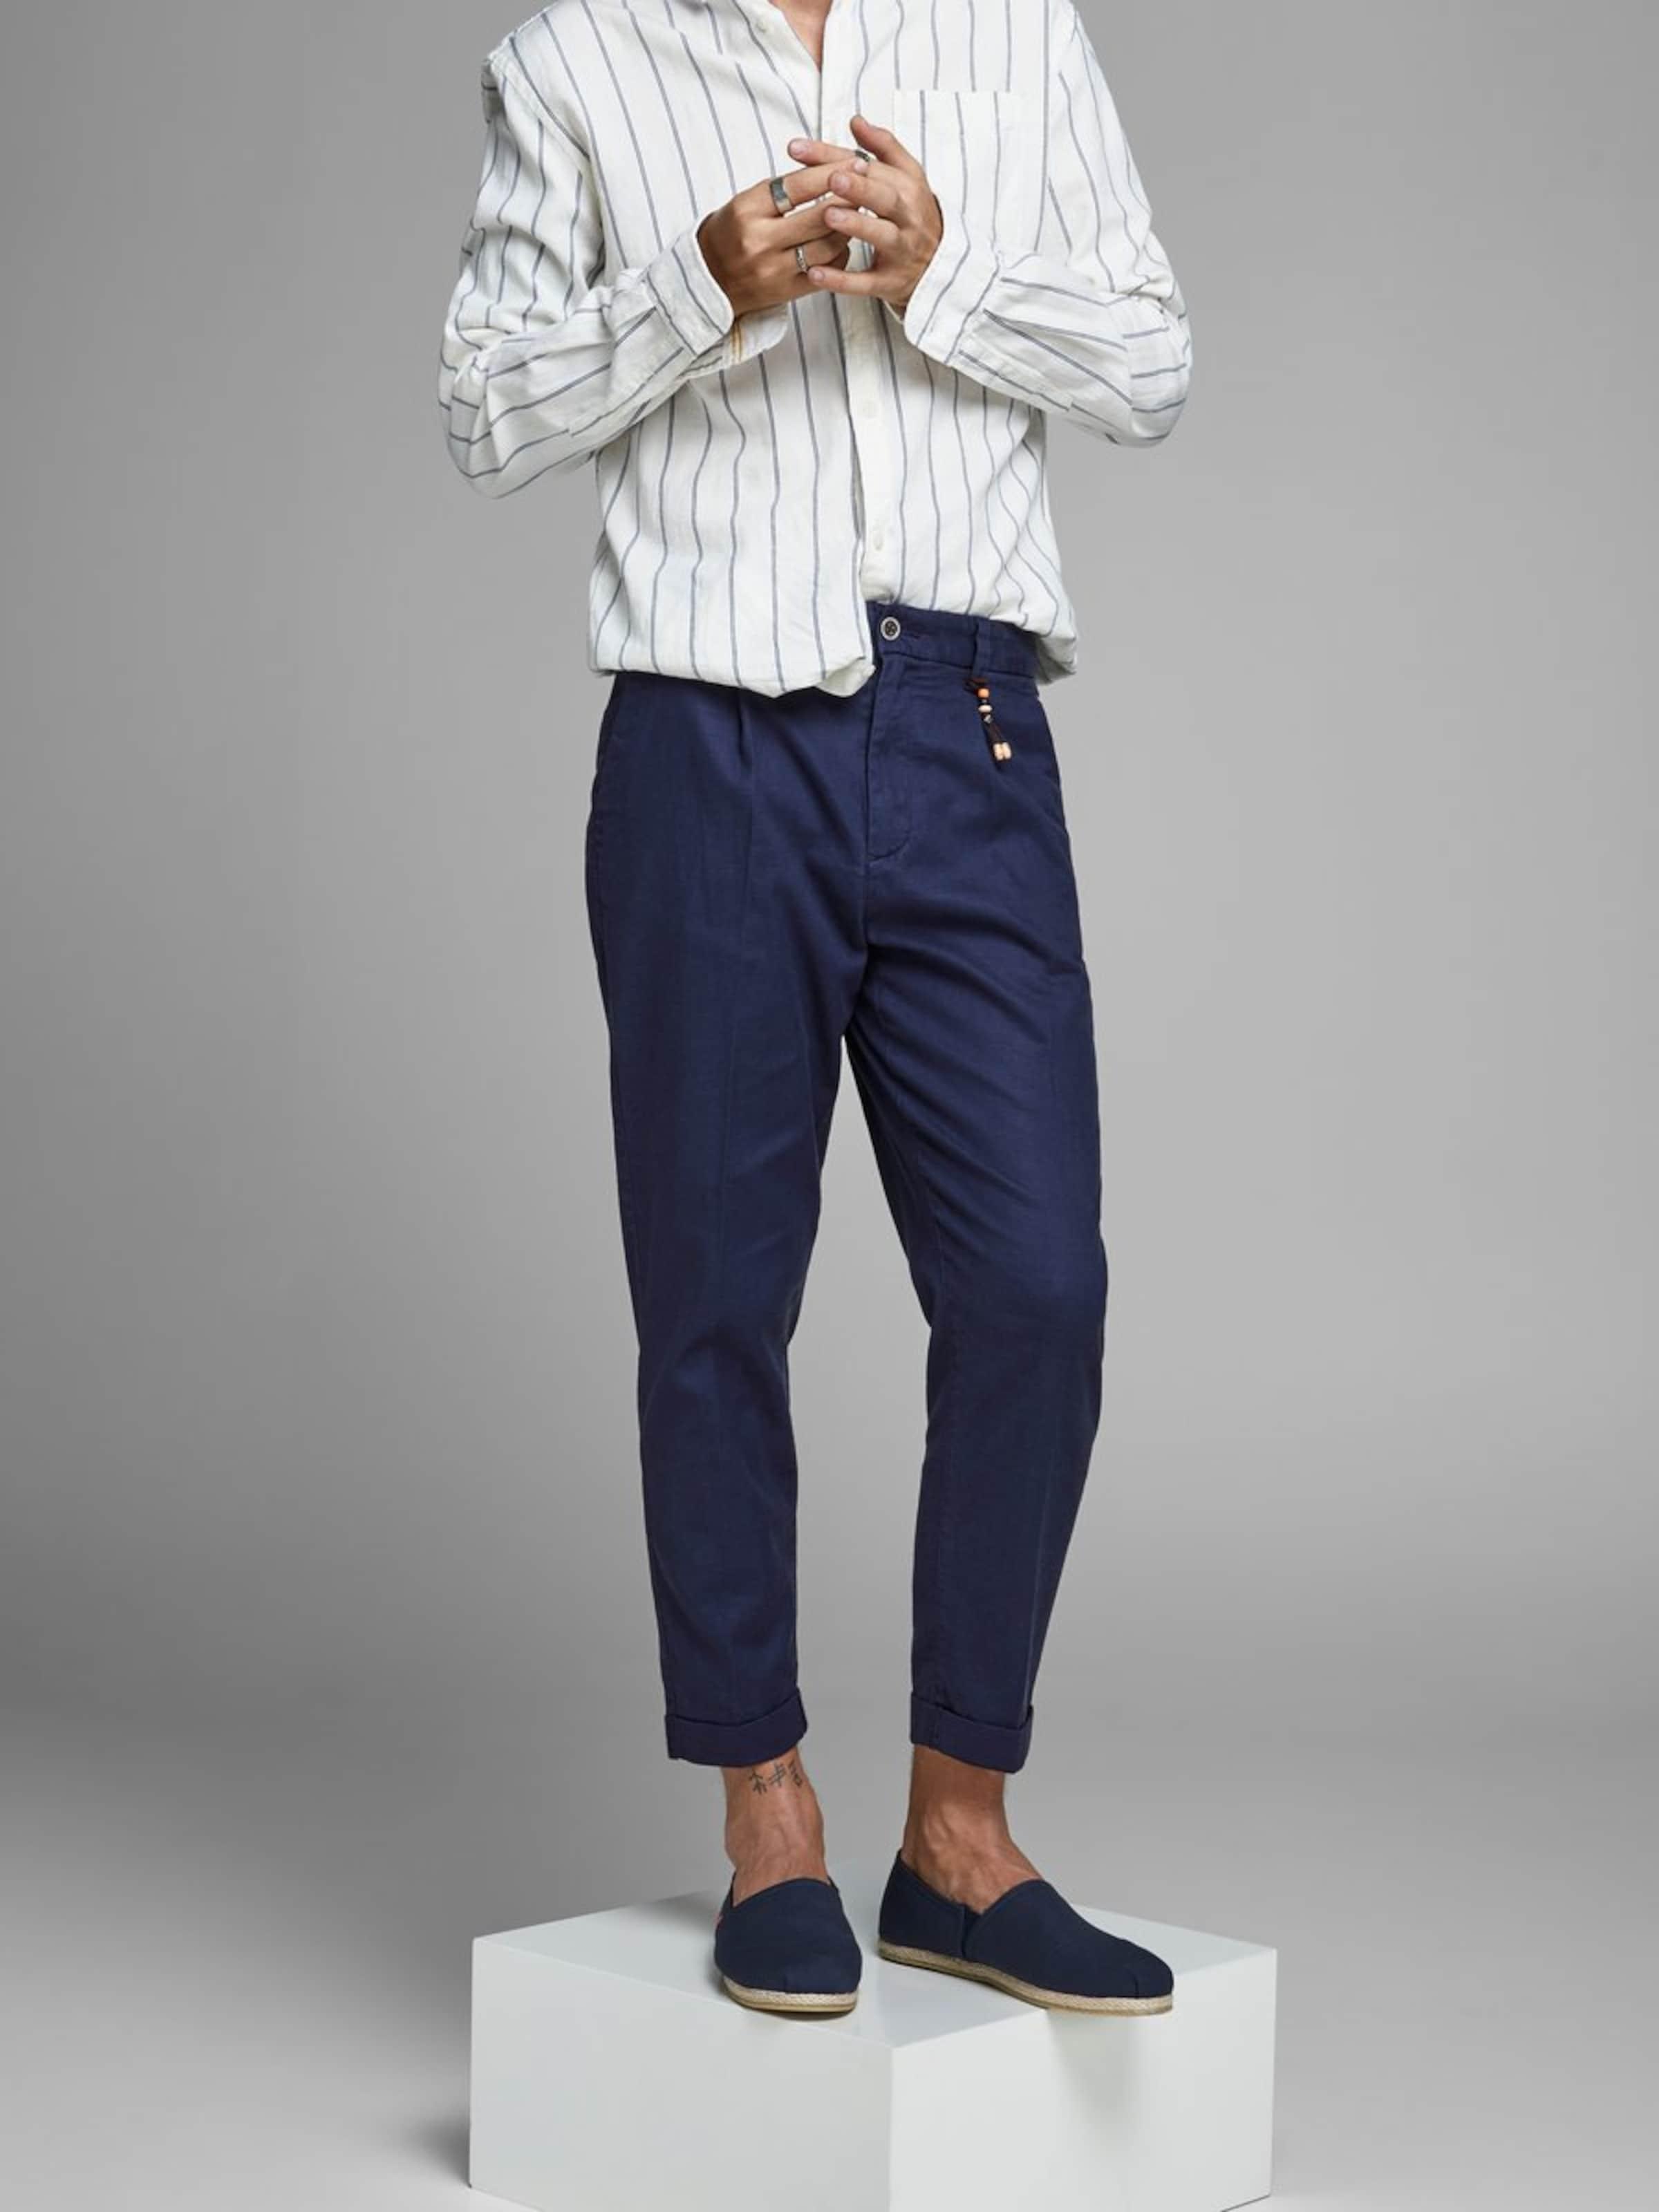 Bleu Jones Chino Jackamp; En Marine Pantalon nP0wk8O